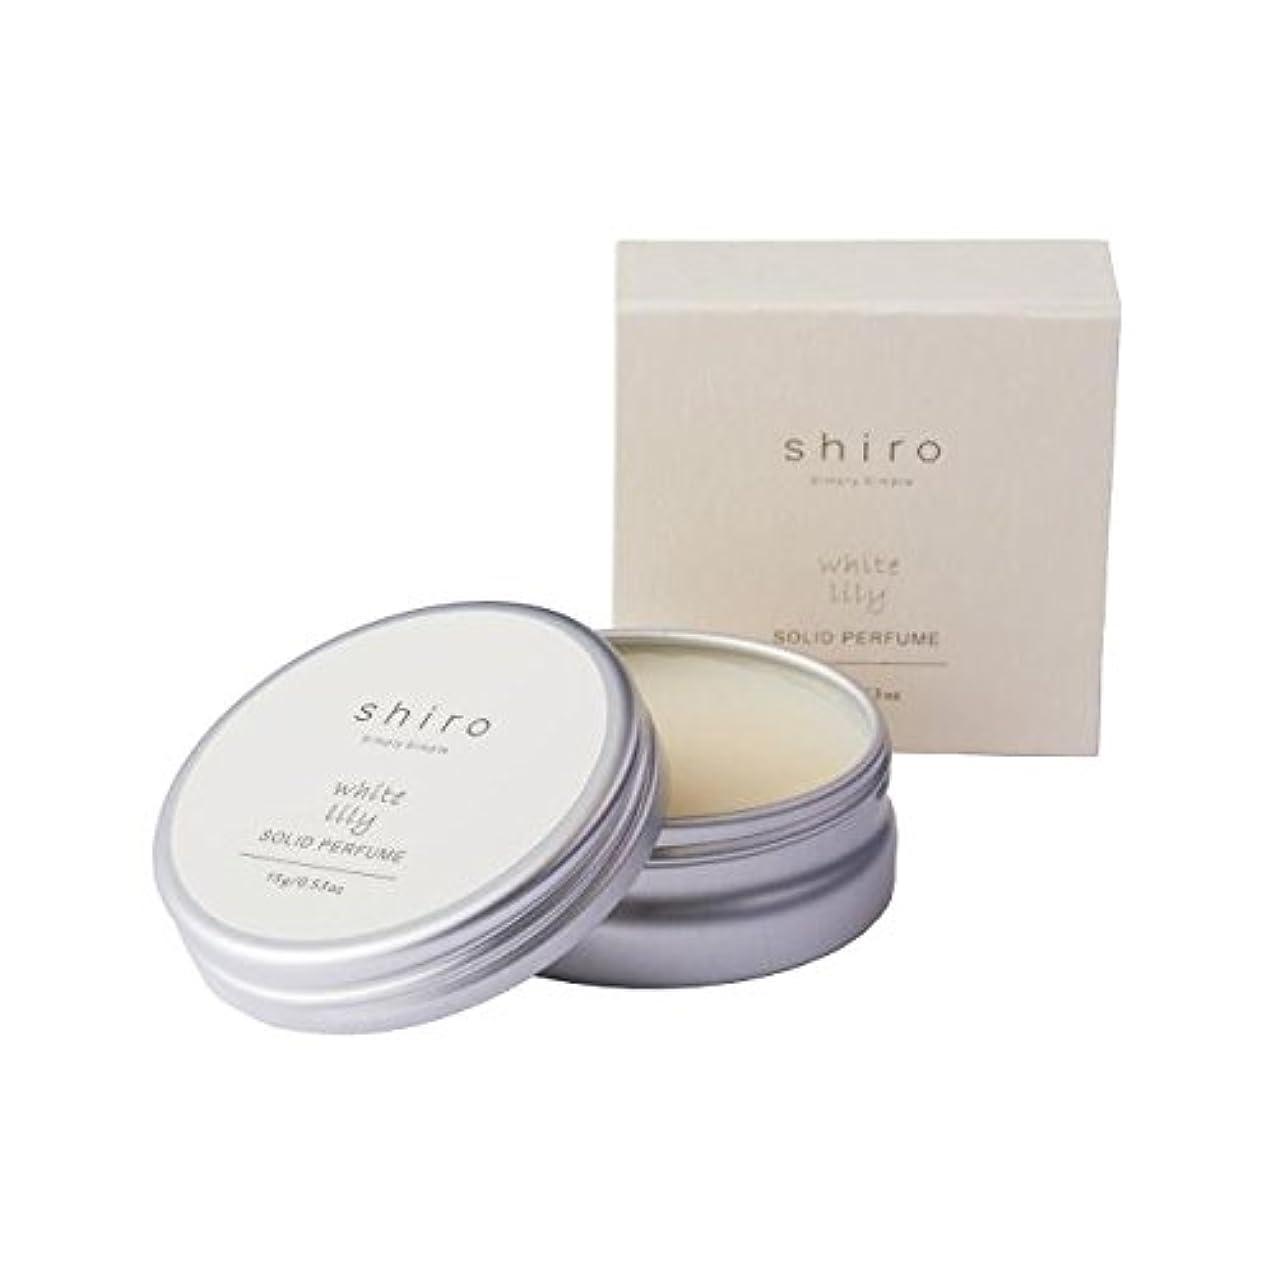 非難できる誓約shiro ホワイトリリー シャンプーのような香り すっきりと清潔感 練り香水 シロ 固形タイプ フレグランス 保湿成分 指先の保湿ケア